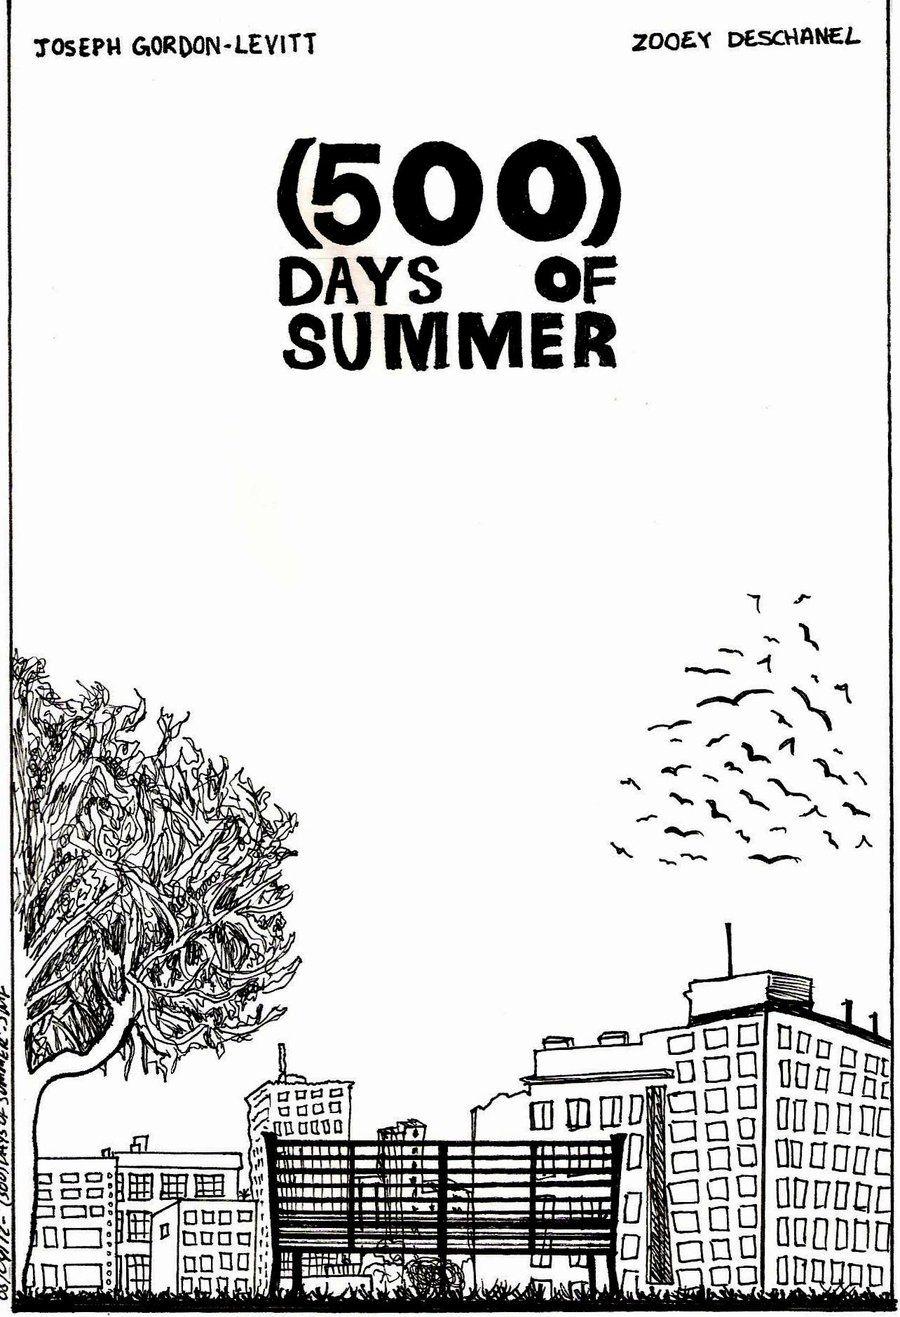 500) days of summer - posterintothewild142.deviantart on